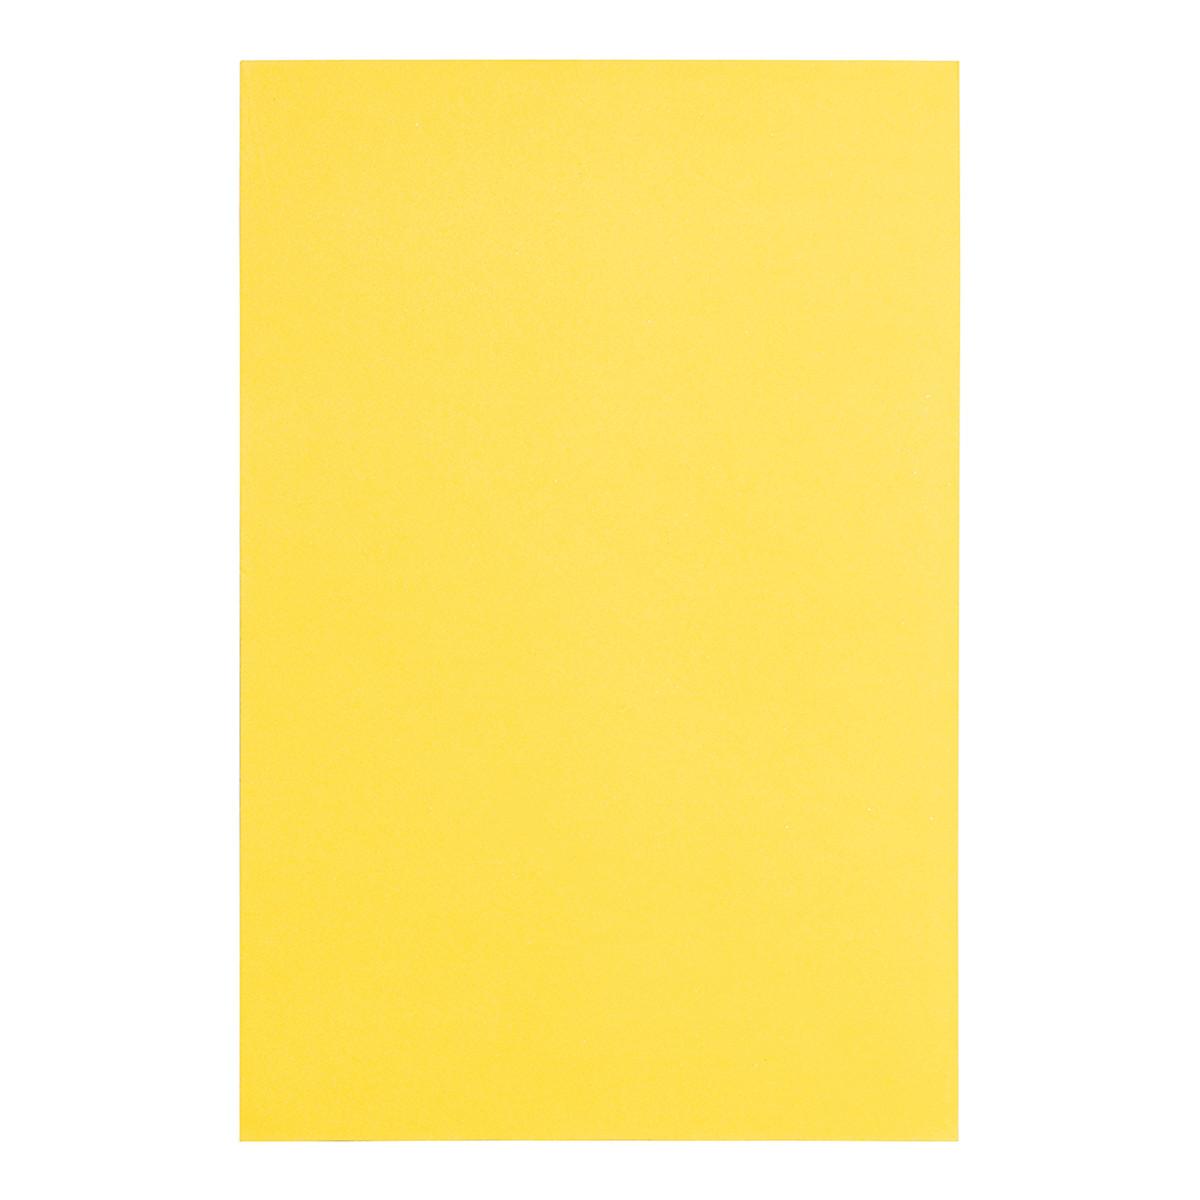 Фоамиран ЭВА желтый, с клеевым слоем, 200*300 мм, толщина 1,7 мм, 10 листов